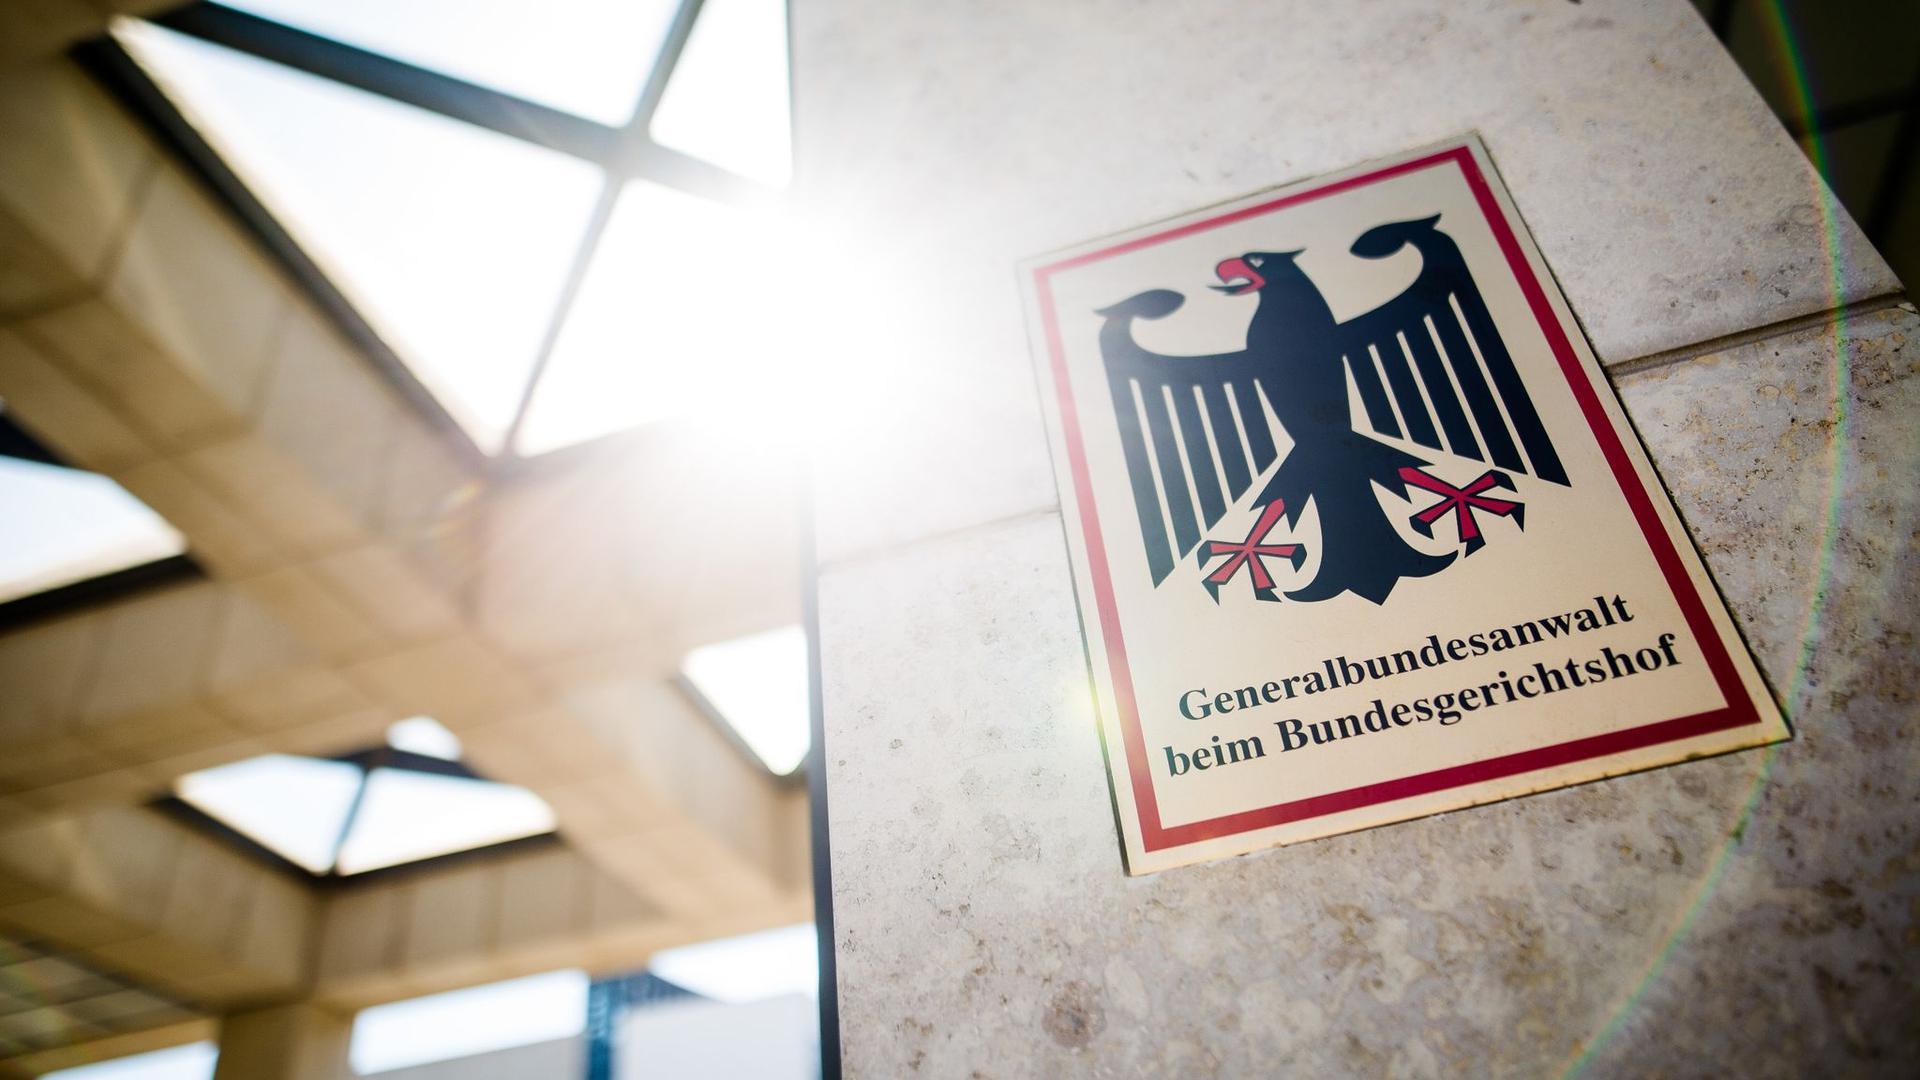 Eine Rechtsextremistin aus Franken soll einen Brandanschlag auf Amtsträger oder Muslime vorbereitet haben.